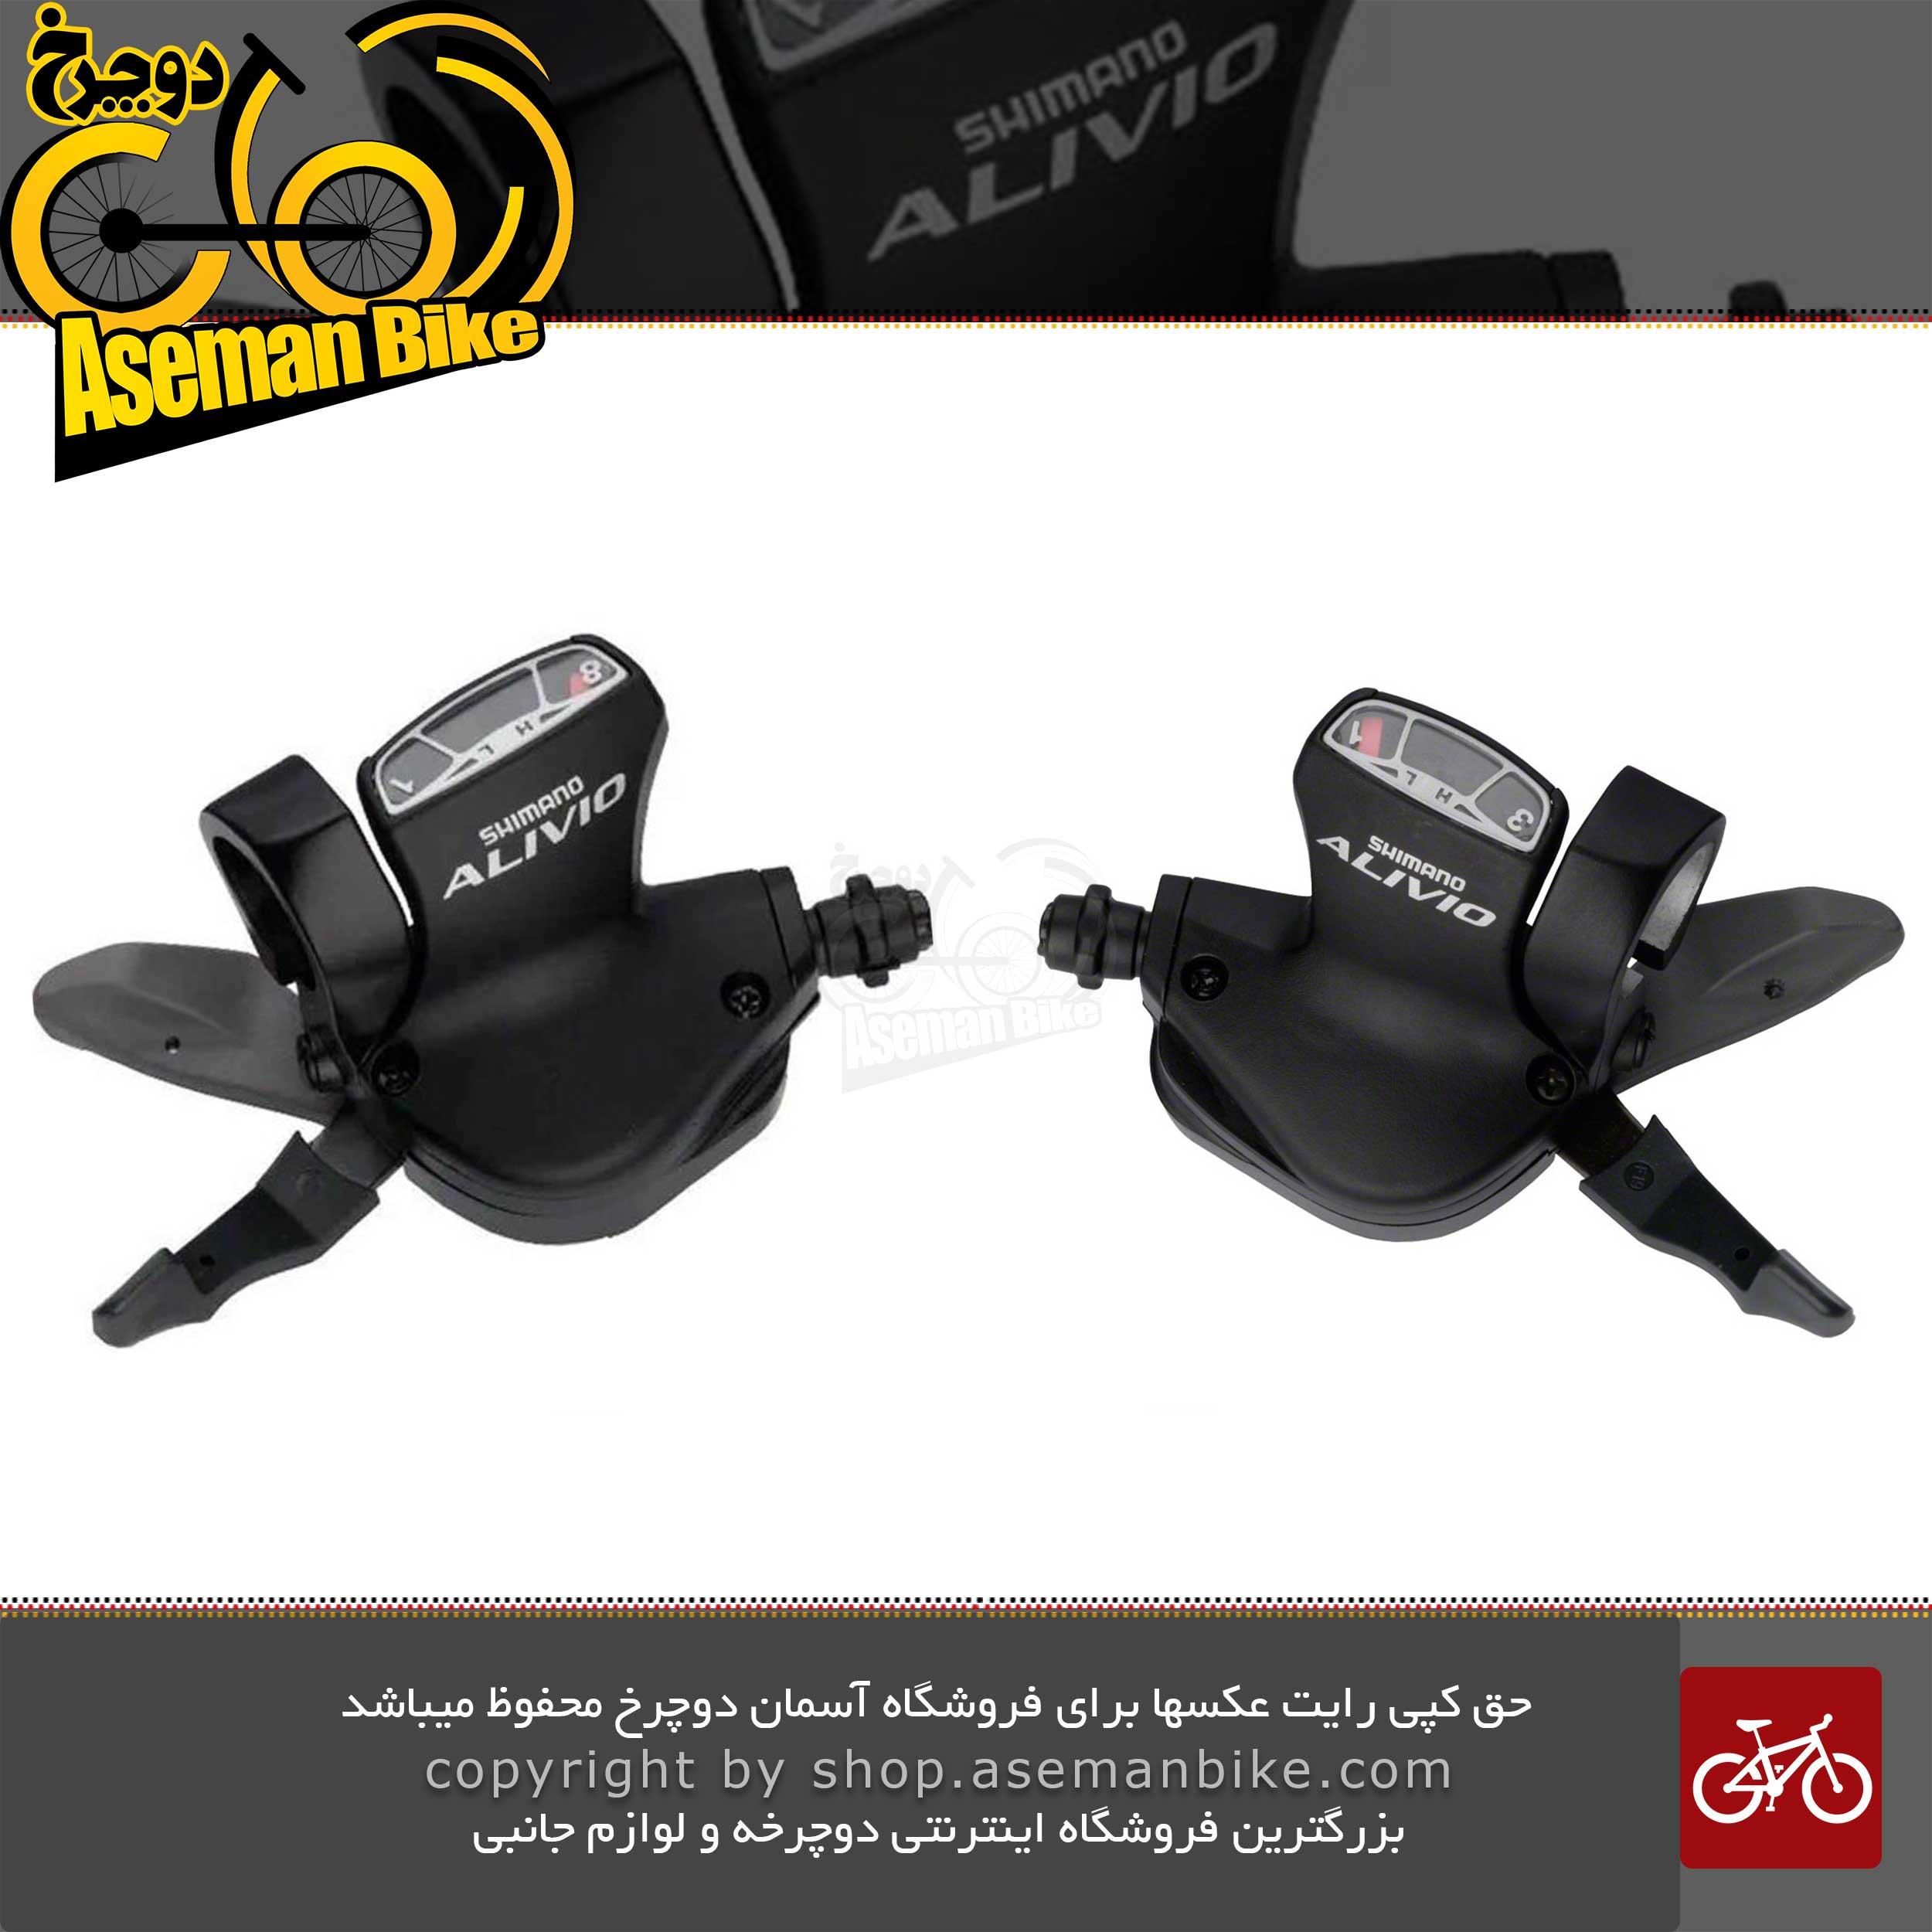 دسته دنده شیمانو آلیویو ام 410 3x8 مشکی 24 دنده Shimano Alivio M410 Rapid Fire 3x8 Speed